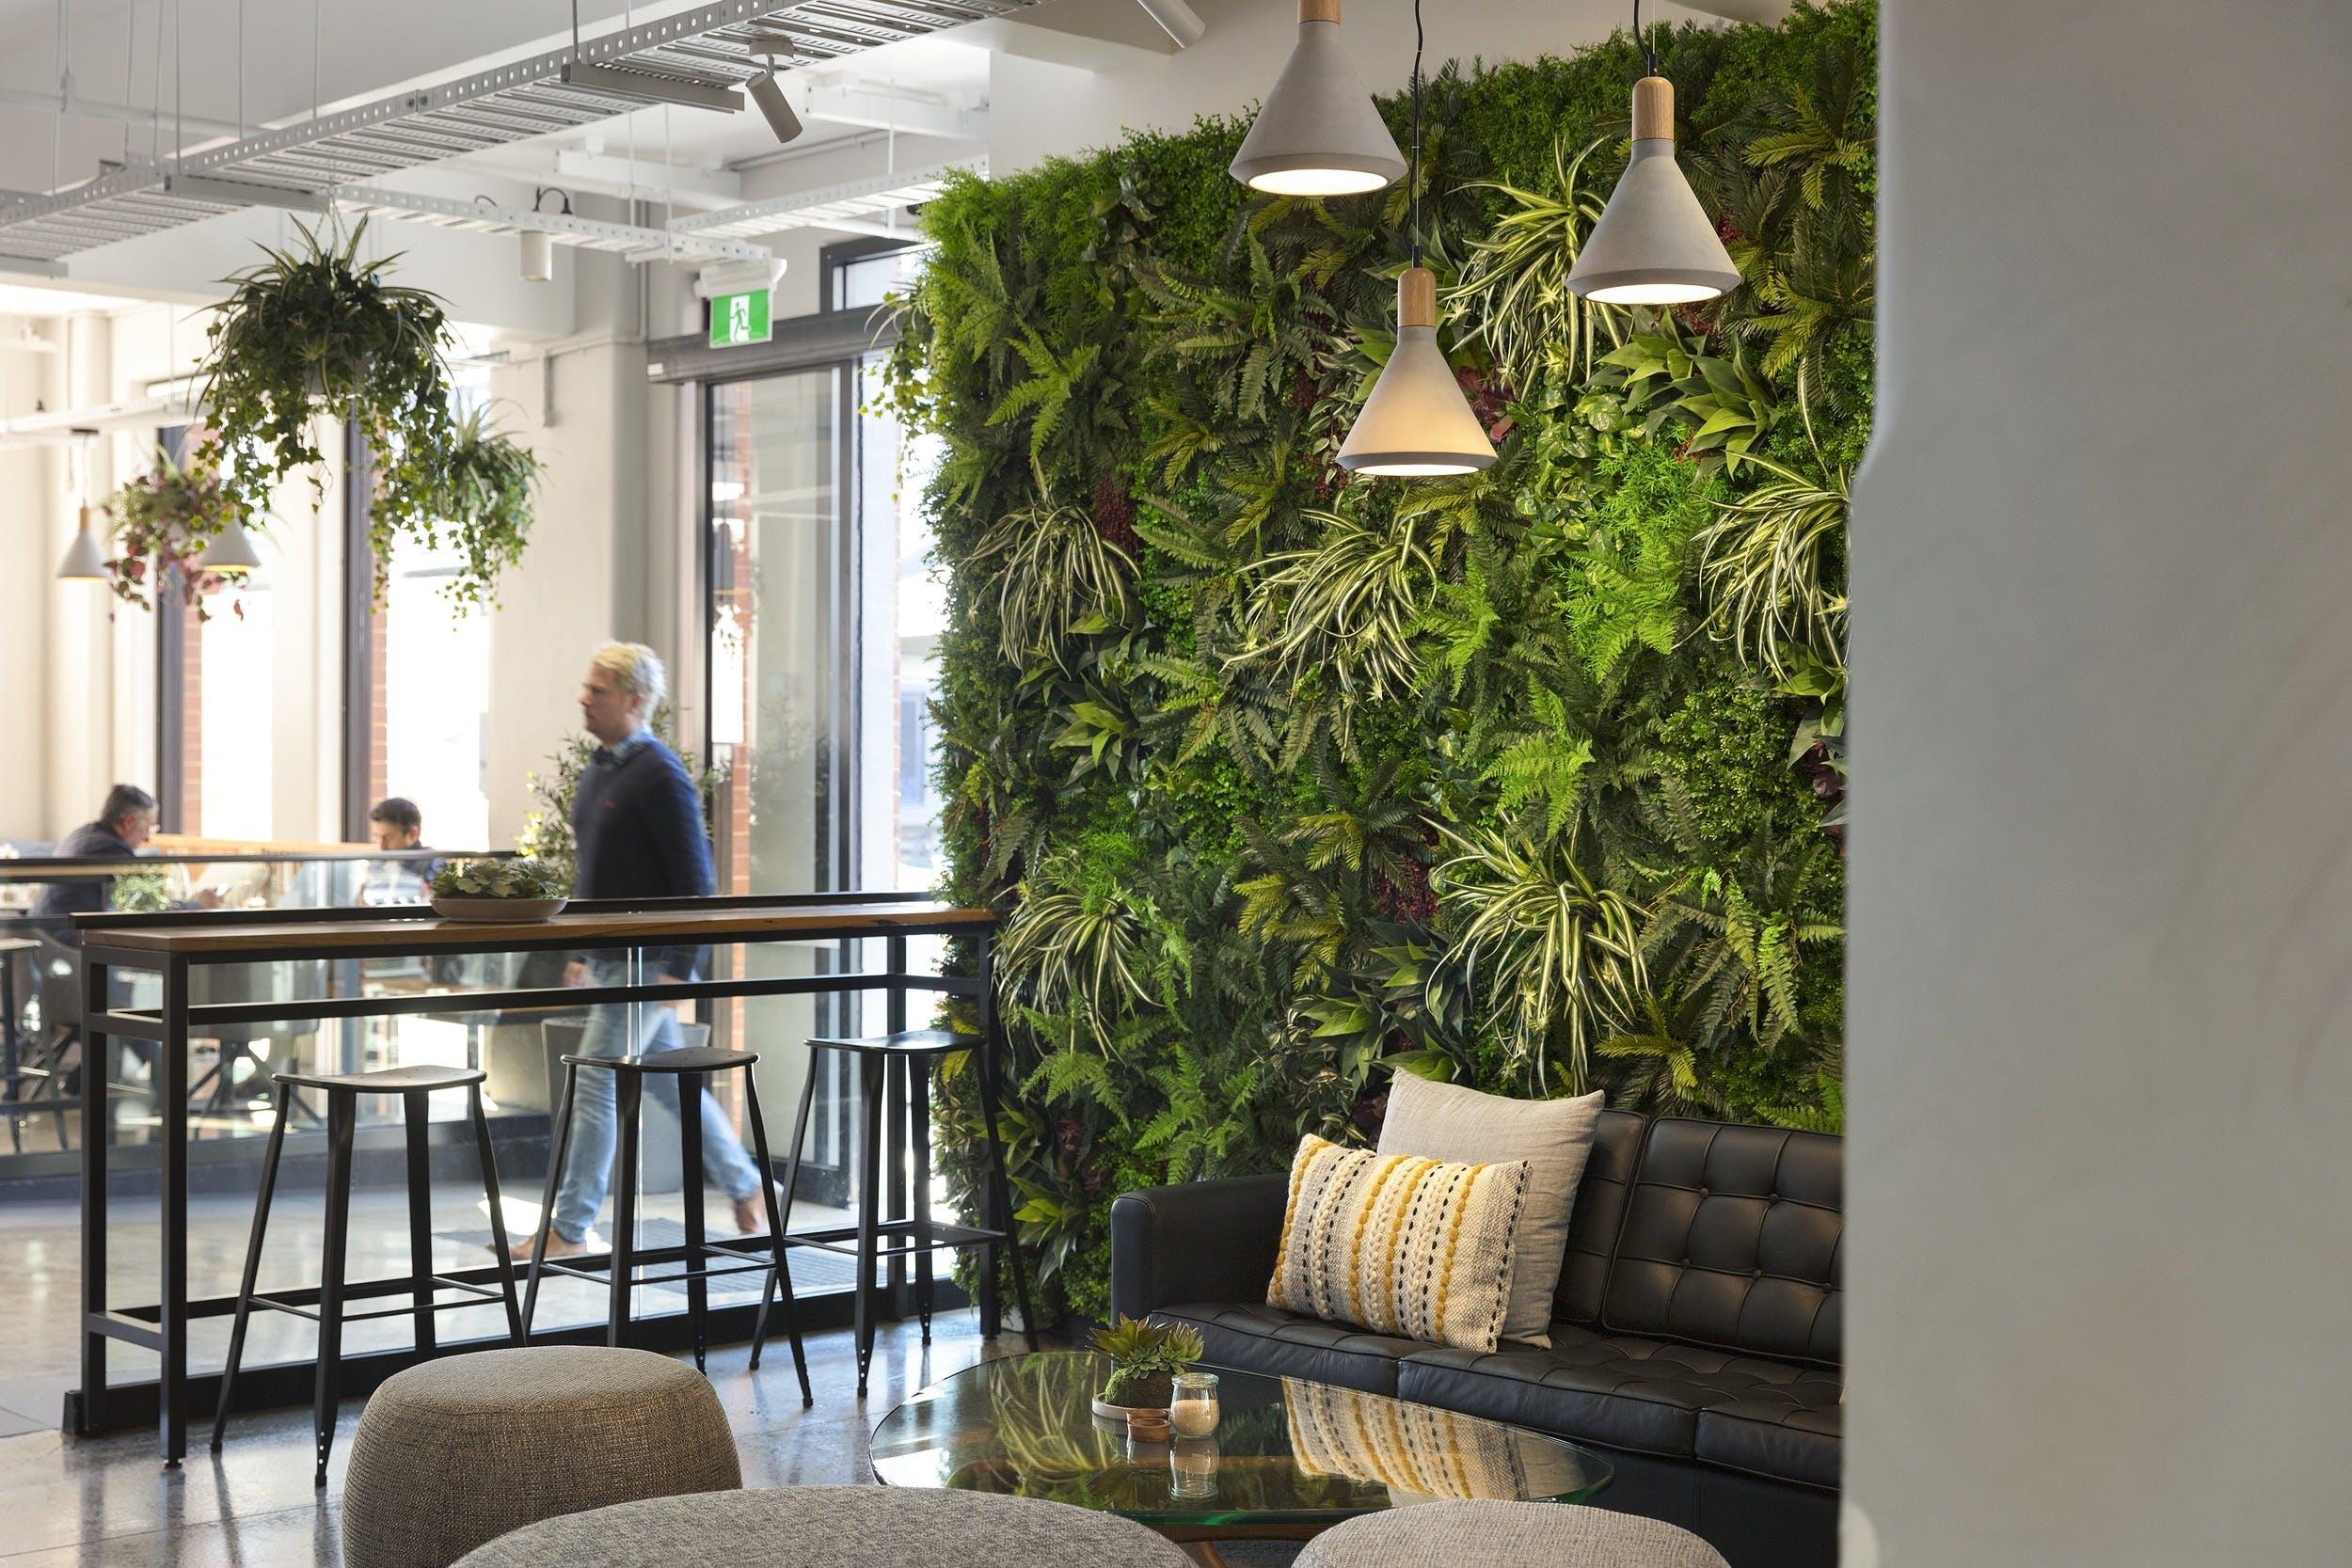 Hot Desking Plan, hot desk at United Co., image 3